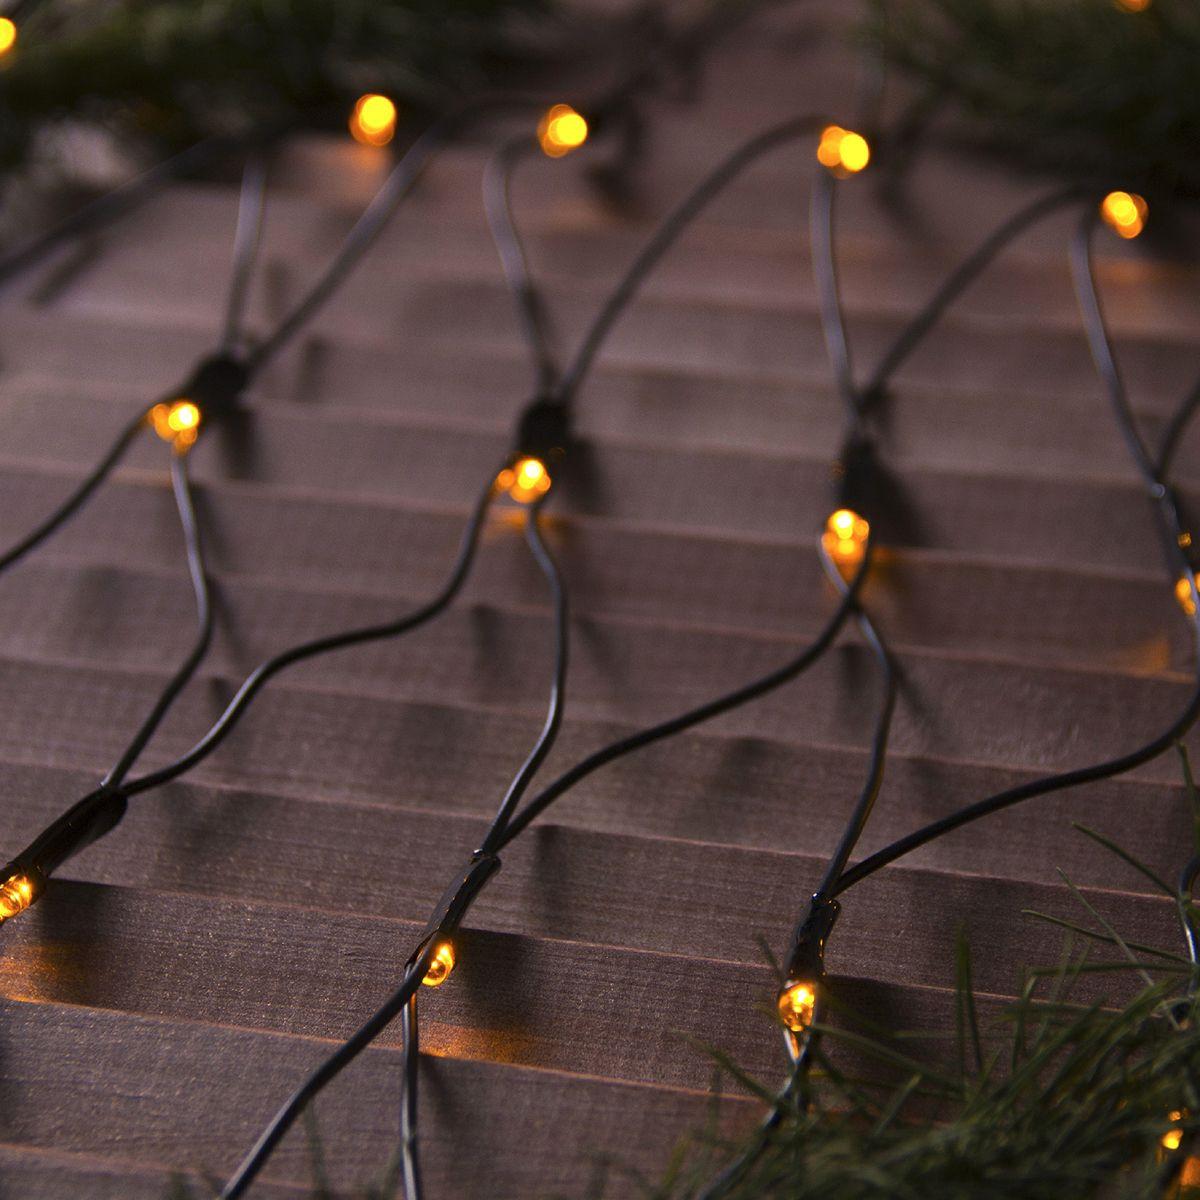 цена на Гирлянда уличная Luazon Lighting Сеть, УМС, нить темная, цвет: желтый, 192 LED, 2 х 1,5 м